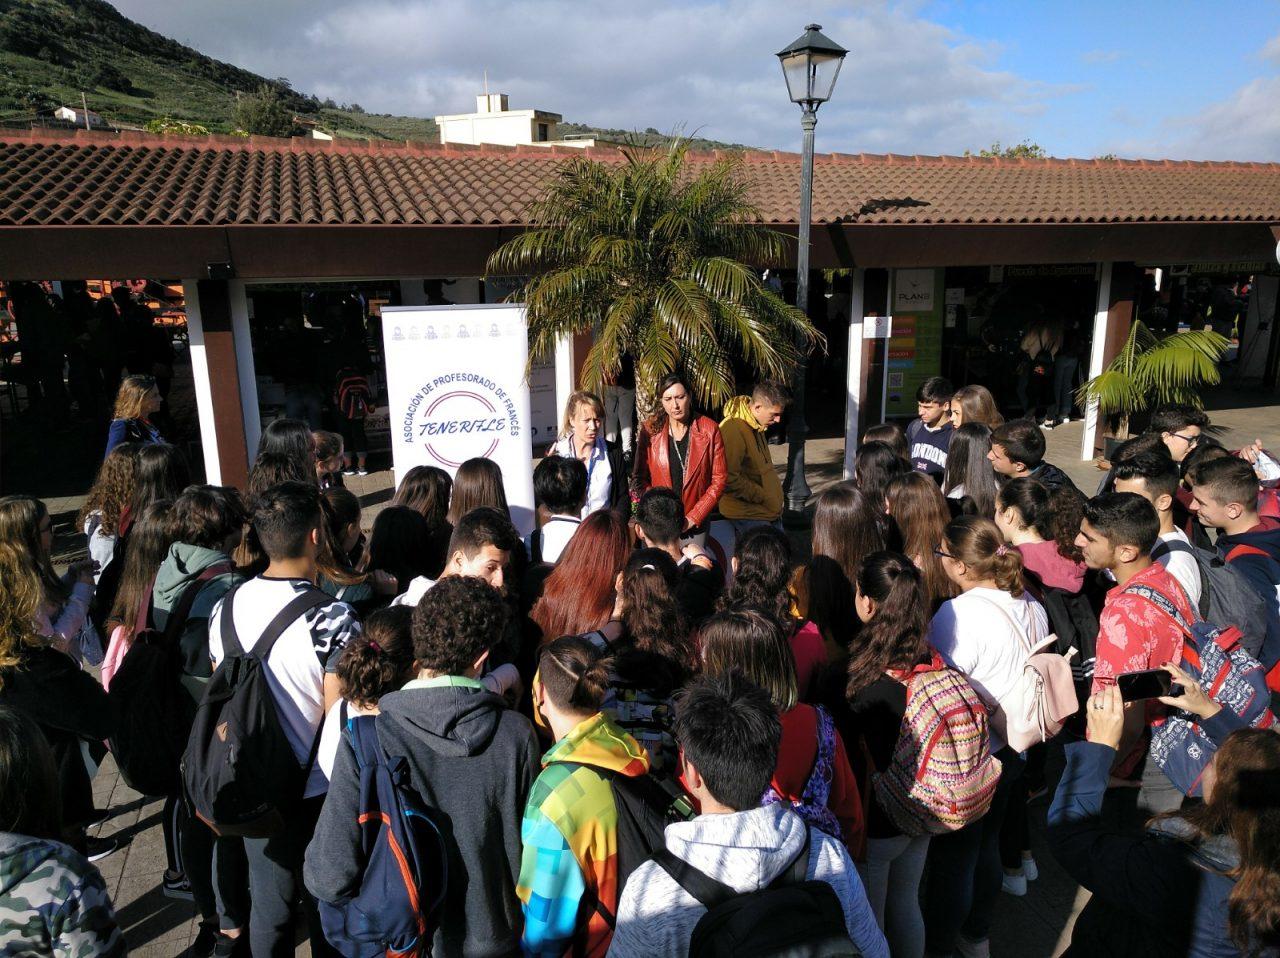 La 1ª Feria de las Profesiones Francófonas de Tenerife nos ha hecho disfrutar de un día diferente en el Mercado del Agricultor de Tegueste. La celebración, durante este mes de marzo de 2019 del Mes de la francofonía en Tenerife, ha supuesto que el mercadillo haya abierto sus instalaciones sin que tuviera lugar su actividad principal: la comercialización de productos locales. Un día diferente en el Mercado del Agricultor de Tegueste gracias al evento organizado por la Asociación de Profesores de Francés de Tenerife (TeneriFLE). Esta 1ª Feria de las Profesiones Francófonas de Tenerife ha conseguido traer a Tegueste a más de 360 alumnos de centros educativos de la isla de Tenerife, que cursan estudios de francés. Un día diferente en el Mercado del Agricultor de Tegueste que ha servido para promover el aprendizaje de la lengua francesa como punto de mejora de la empleabilidad. Pero también para que las empresas Canarias, que desarrollan proyectos y/o mantienen relaciones comerciales con países francófonos pudieran comunicar sus necesidades a los estudiantes. Nueve empresas, instituciones y ONG´s han dispuesto de un stand informativo en la nave central del Mercadillo de Tegueste en esta 1ª Feria de las Profesiones Francófonas de Tenerife englobada dentro de los actos del Mes de la francofonía. Participaron el Consulado General de Francia en España, Alianza Francesa de Santa Cruz de Tenerife, Ayuntamiento de Tegueste, Klingele Embalajes, ICEX España, Plan B Group, Departamento de Filología Clásica, Francesa, Árabe y Románica de la Universidad de La Laguna, Escuela Oficial de Idiomas de La Laguna, PROEXCA del Gobierno de Canarias, Fundación General de la Universidad de La Laguna y la ONG Asociación Humanitaria Maman África. Un día diferente en el Mercado del Agricultor de Tegueste marcado por la presencia de numerosa juventud, que inundó todo el recinto, y que mostró un gran interés por las propuestas planteadas.